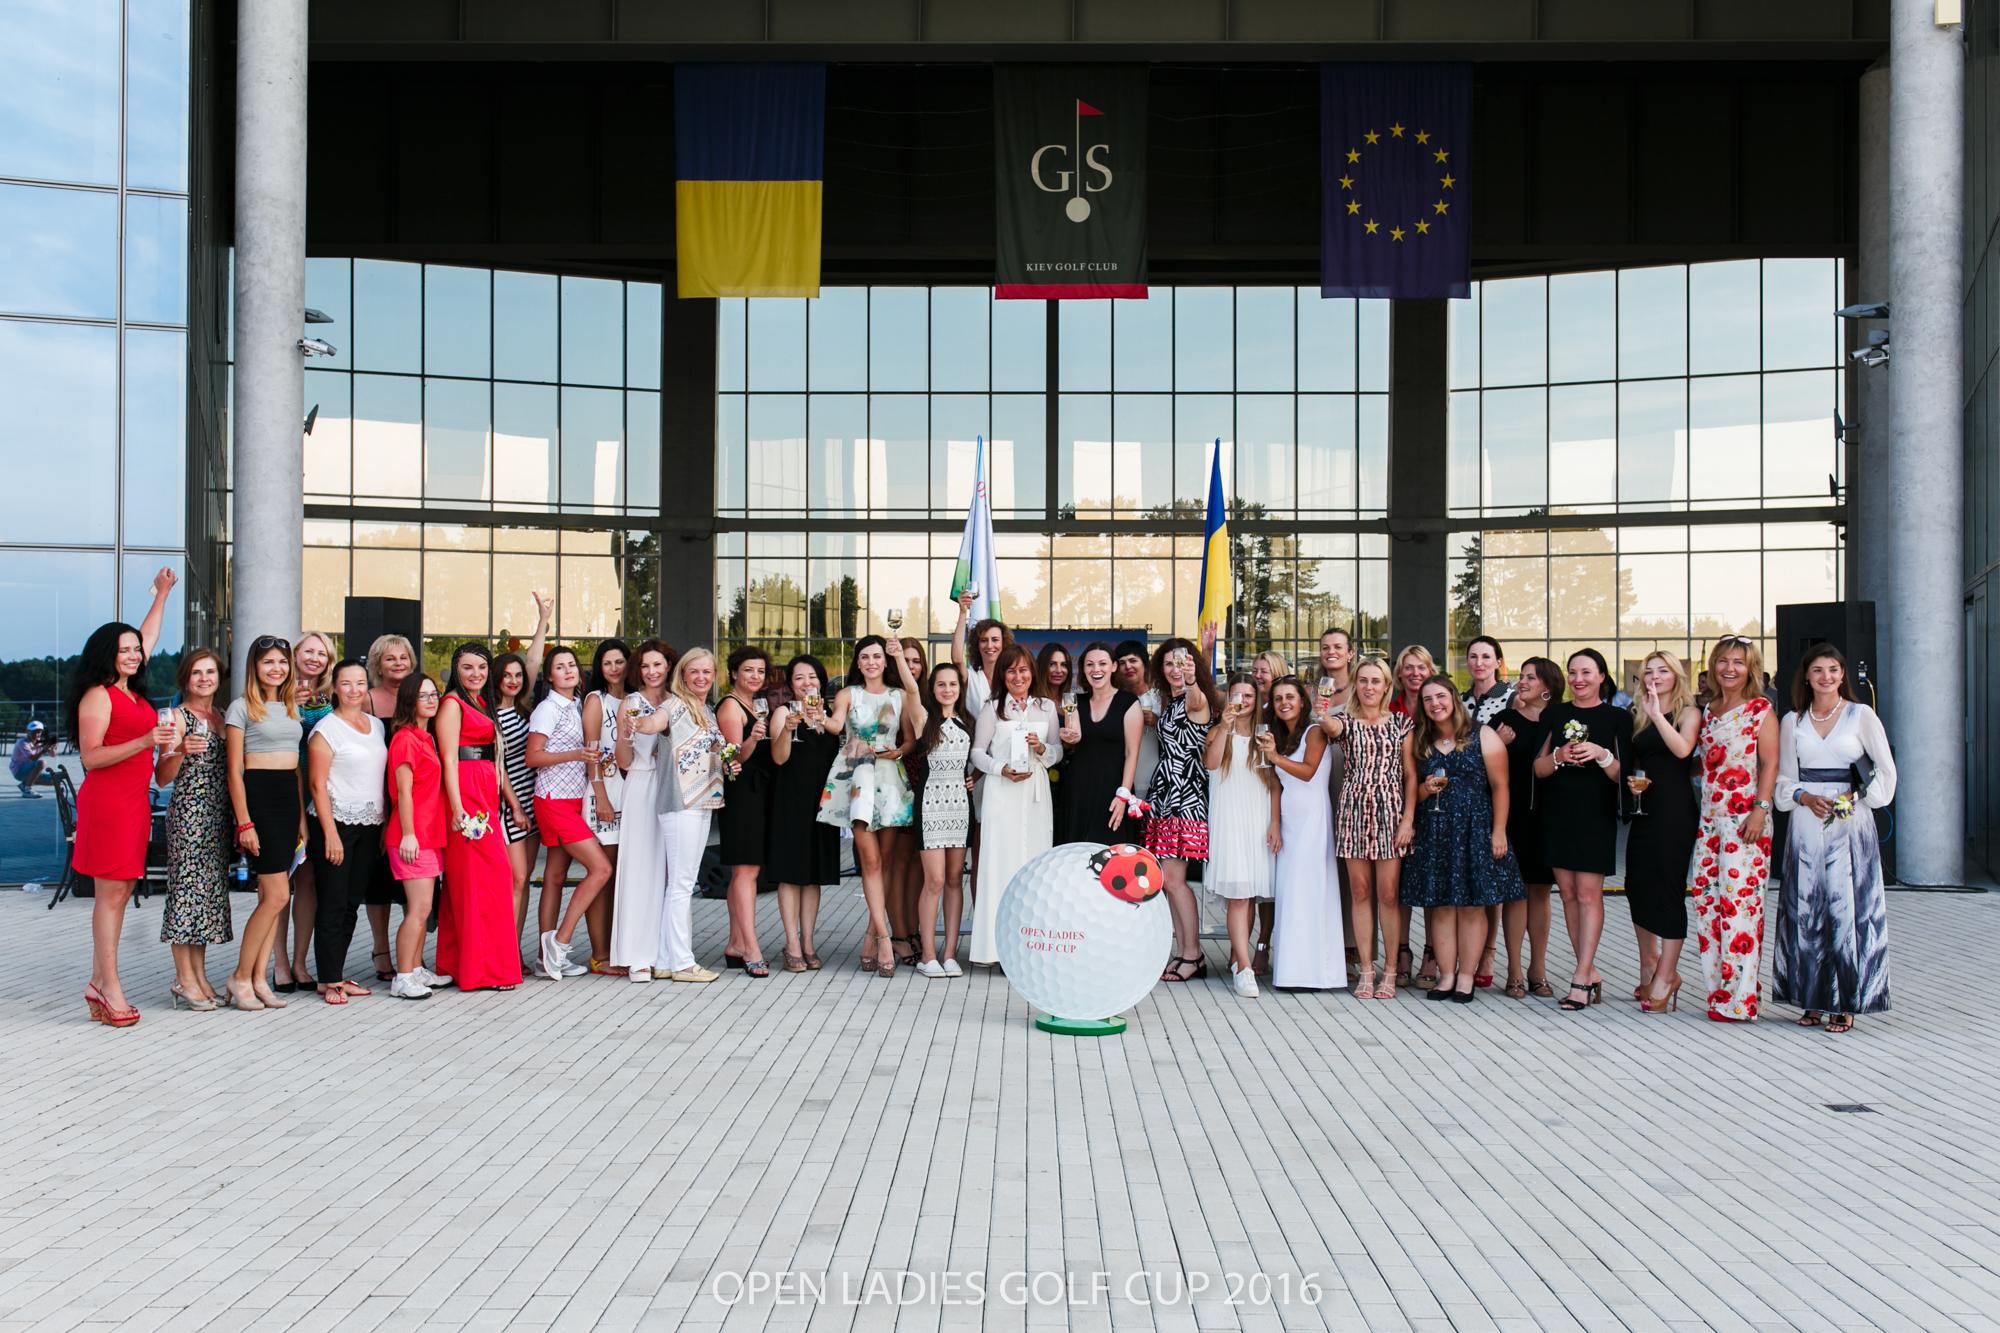 Відродження традицій жіночого гольфу в Україні, або День леді в стилі гольф - фото 1